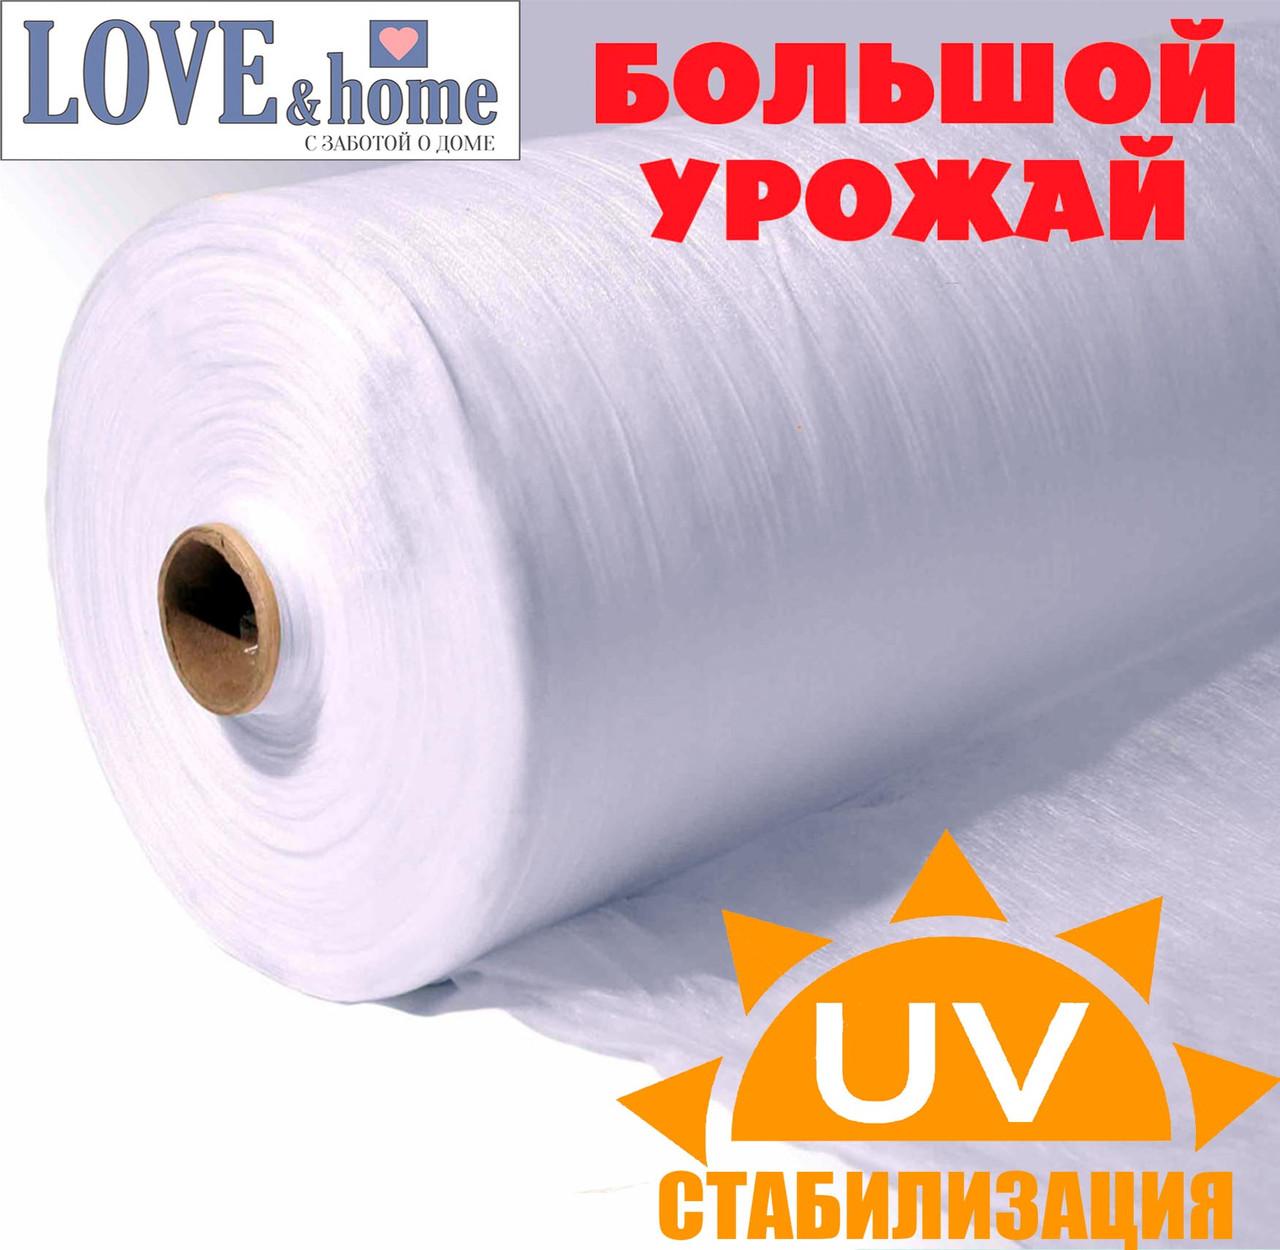 Агроволокно белое, плотность 30г/м². ширина 6.4 м. длинна 100м.